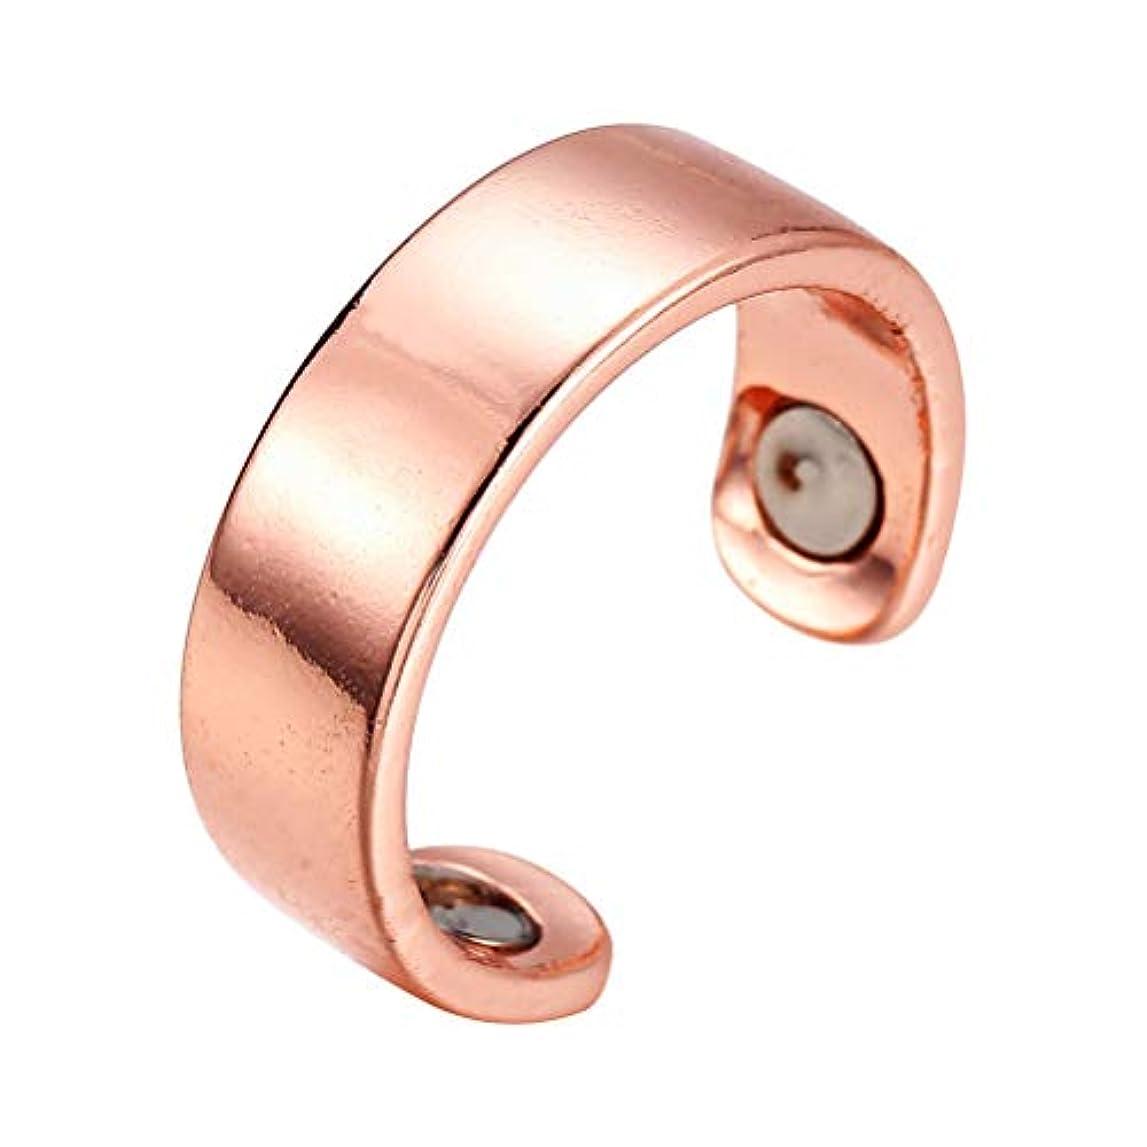 フロープレビスサイト横にSUPVOX リング 指輪 磁気リング 調節可能 オープンリング 睡眠呼吸指圧治療停止いびきデバイスヘルスケア磁気療法(ローズゴールデン)